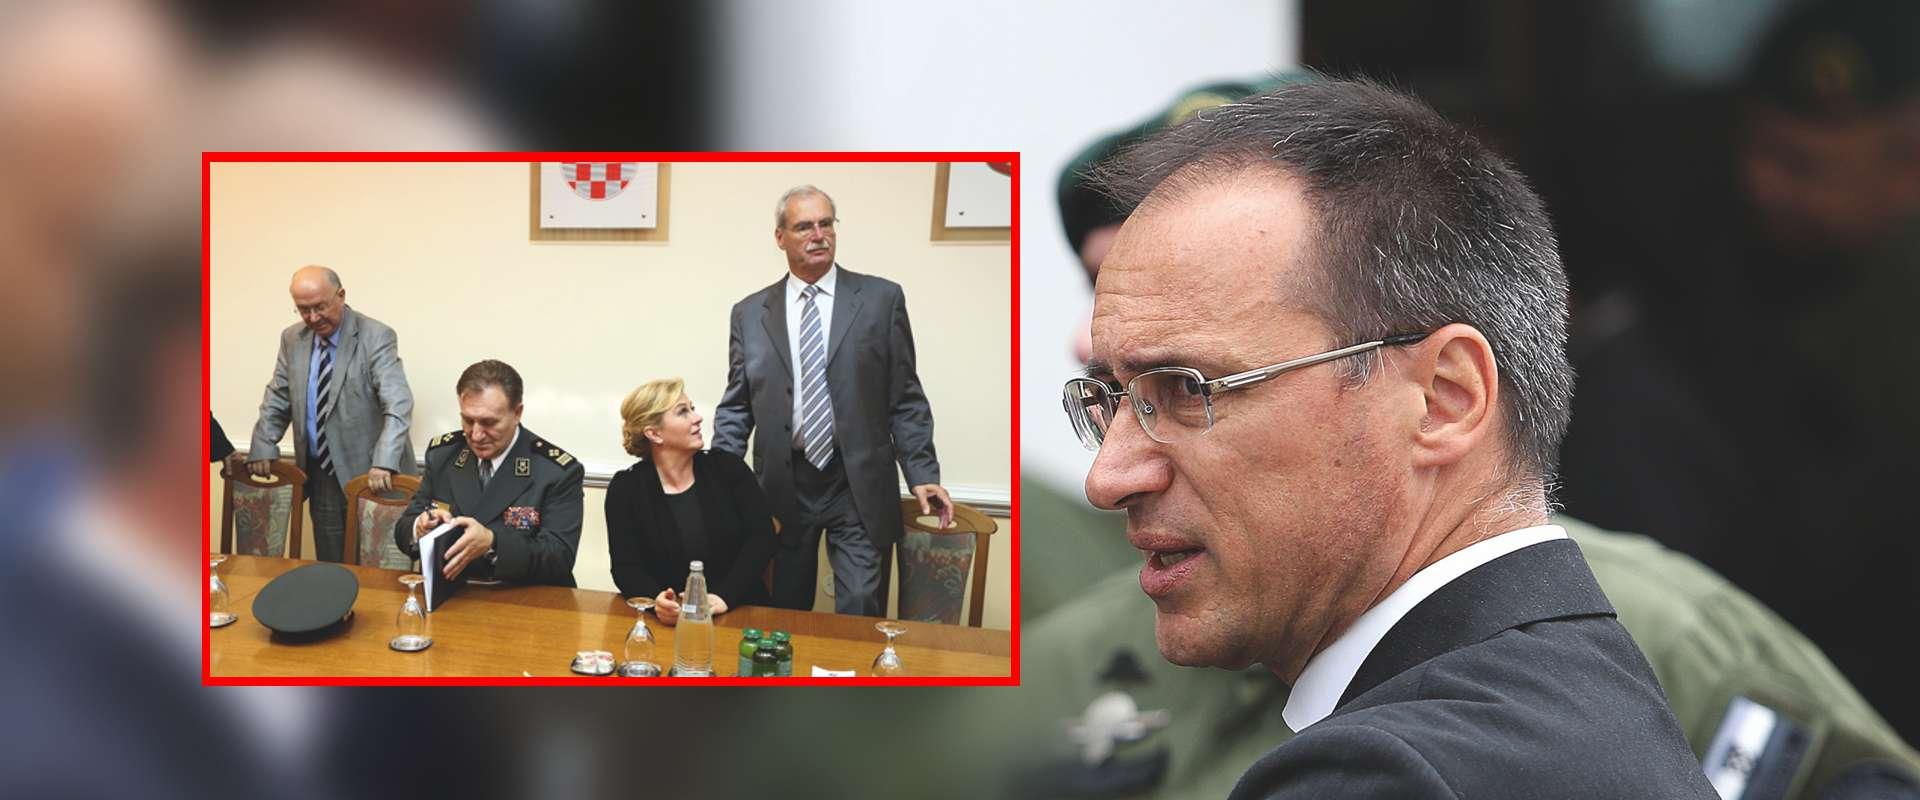 Zašto je predsjednica uvjerena da je SOA zakazala uoči izbjegličke krize